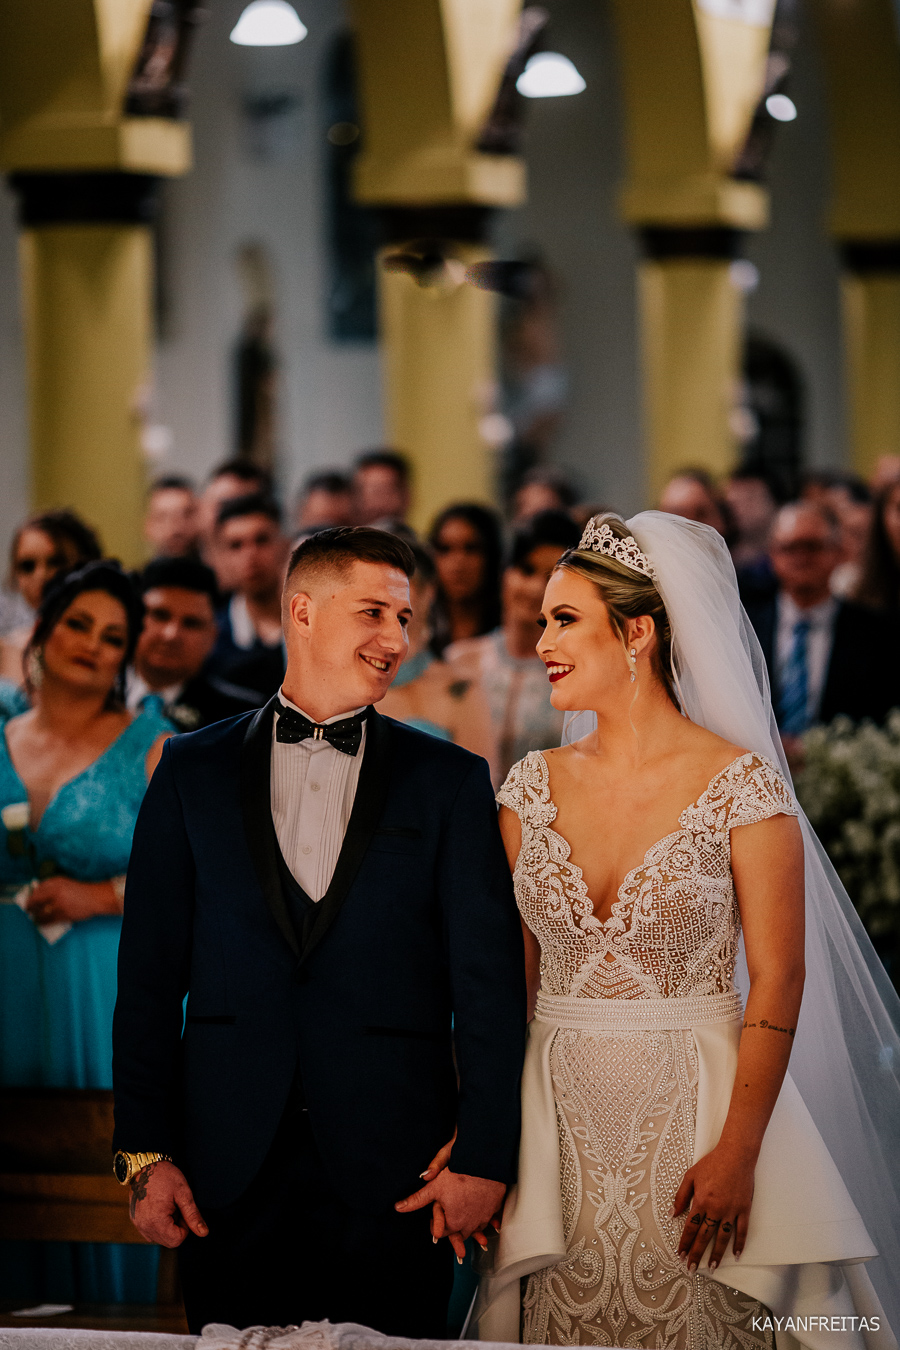 casamento-biguacu-tainaramarcos-0051 Casamento Tainara e Marcos - Biguaçu